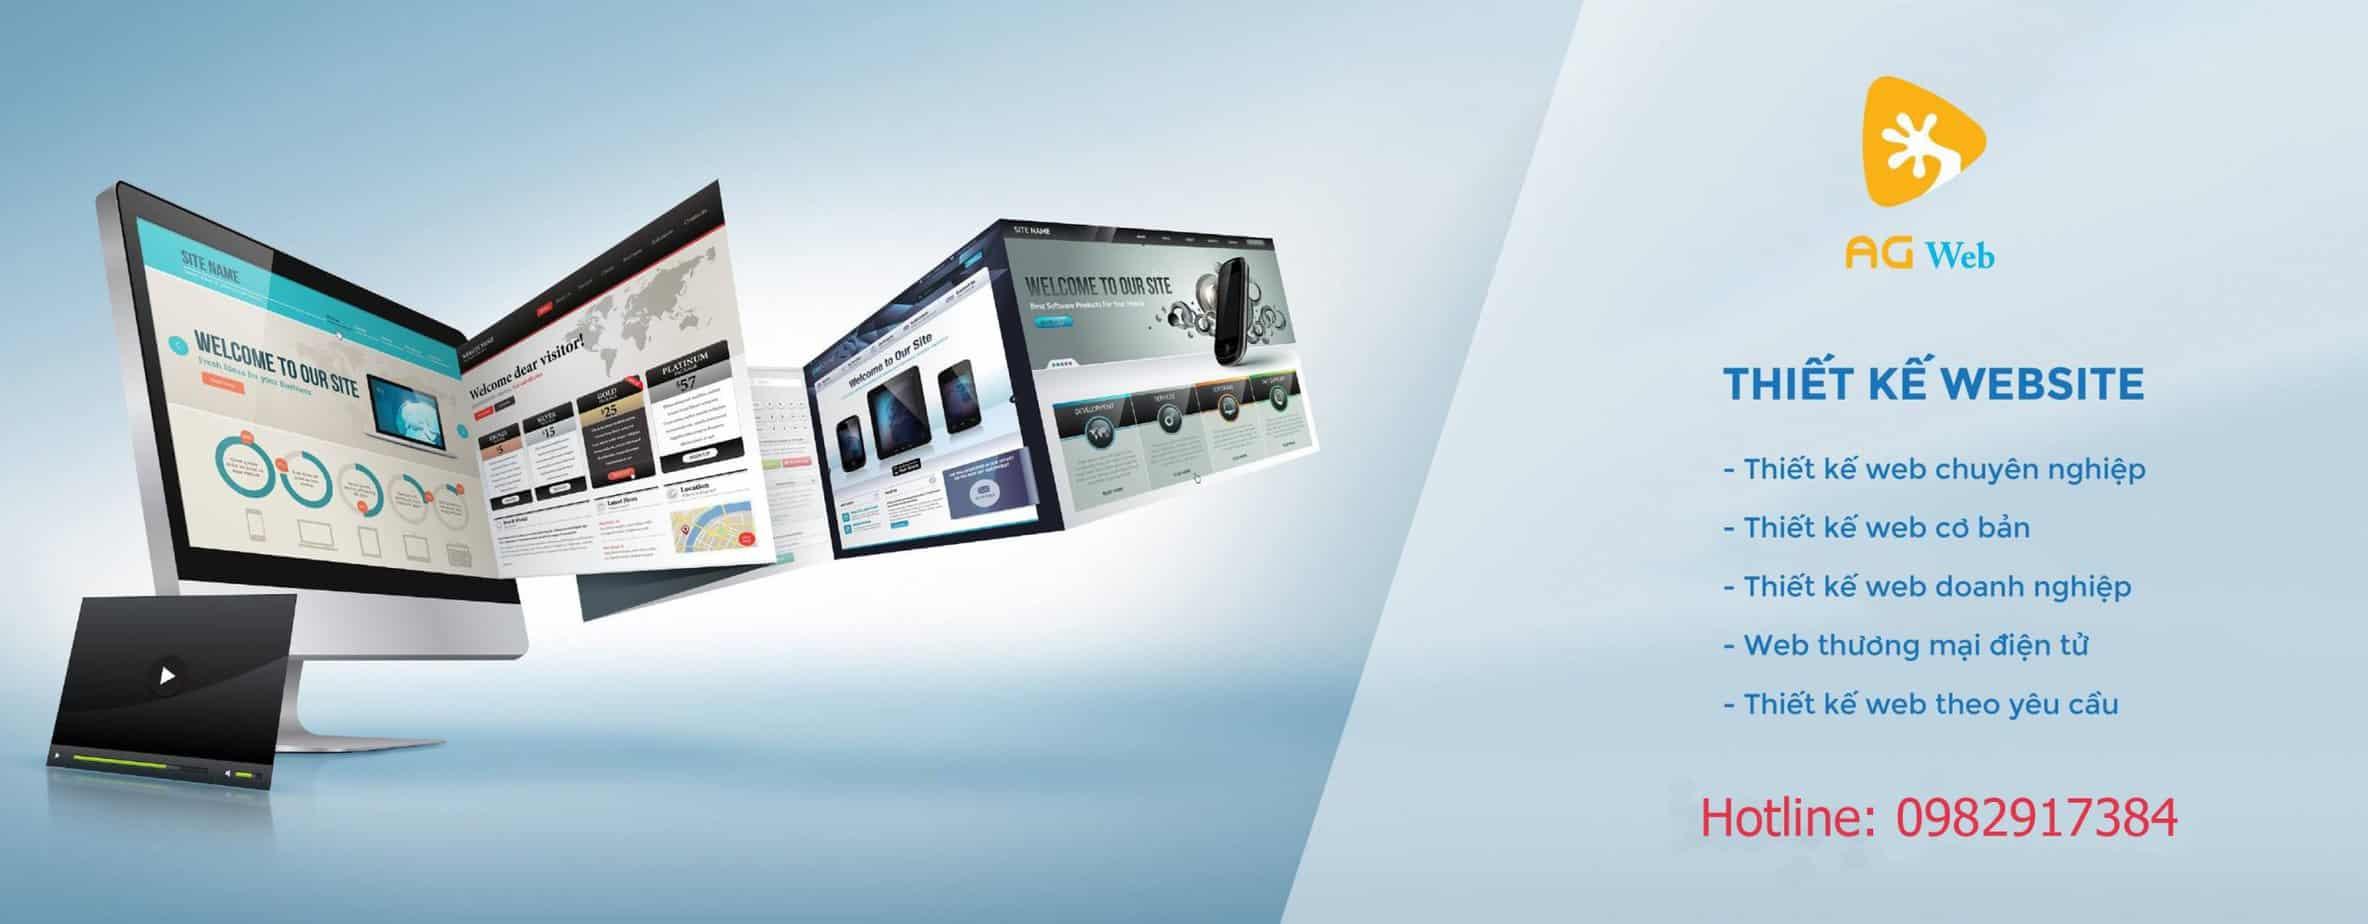 Top 10 Văn Phòng Chuyên Làm Thiết Kế Đồ Hoạ Ở Hà Nội - văn phòng chuyên làm thiết kế đồ họa - Brandcom | Công Ty Cổ Phần Agecko | Công Ty PPO Việt Nam 23